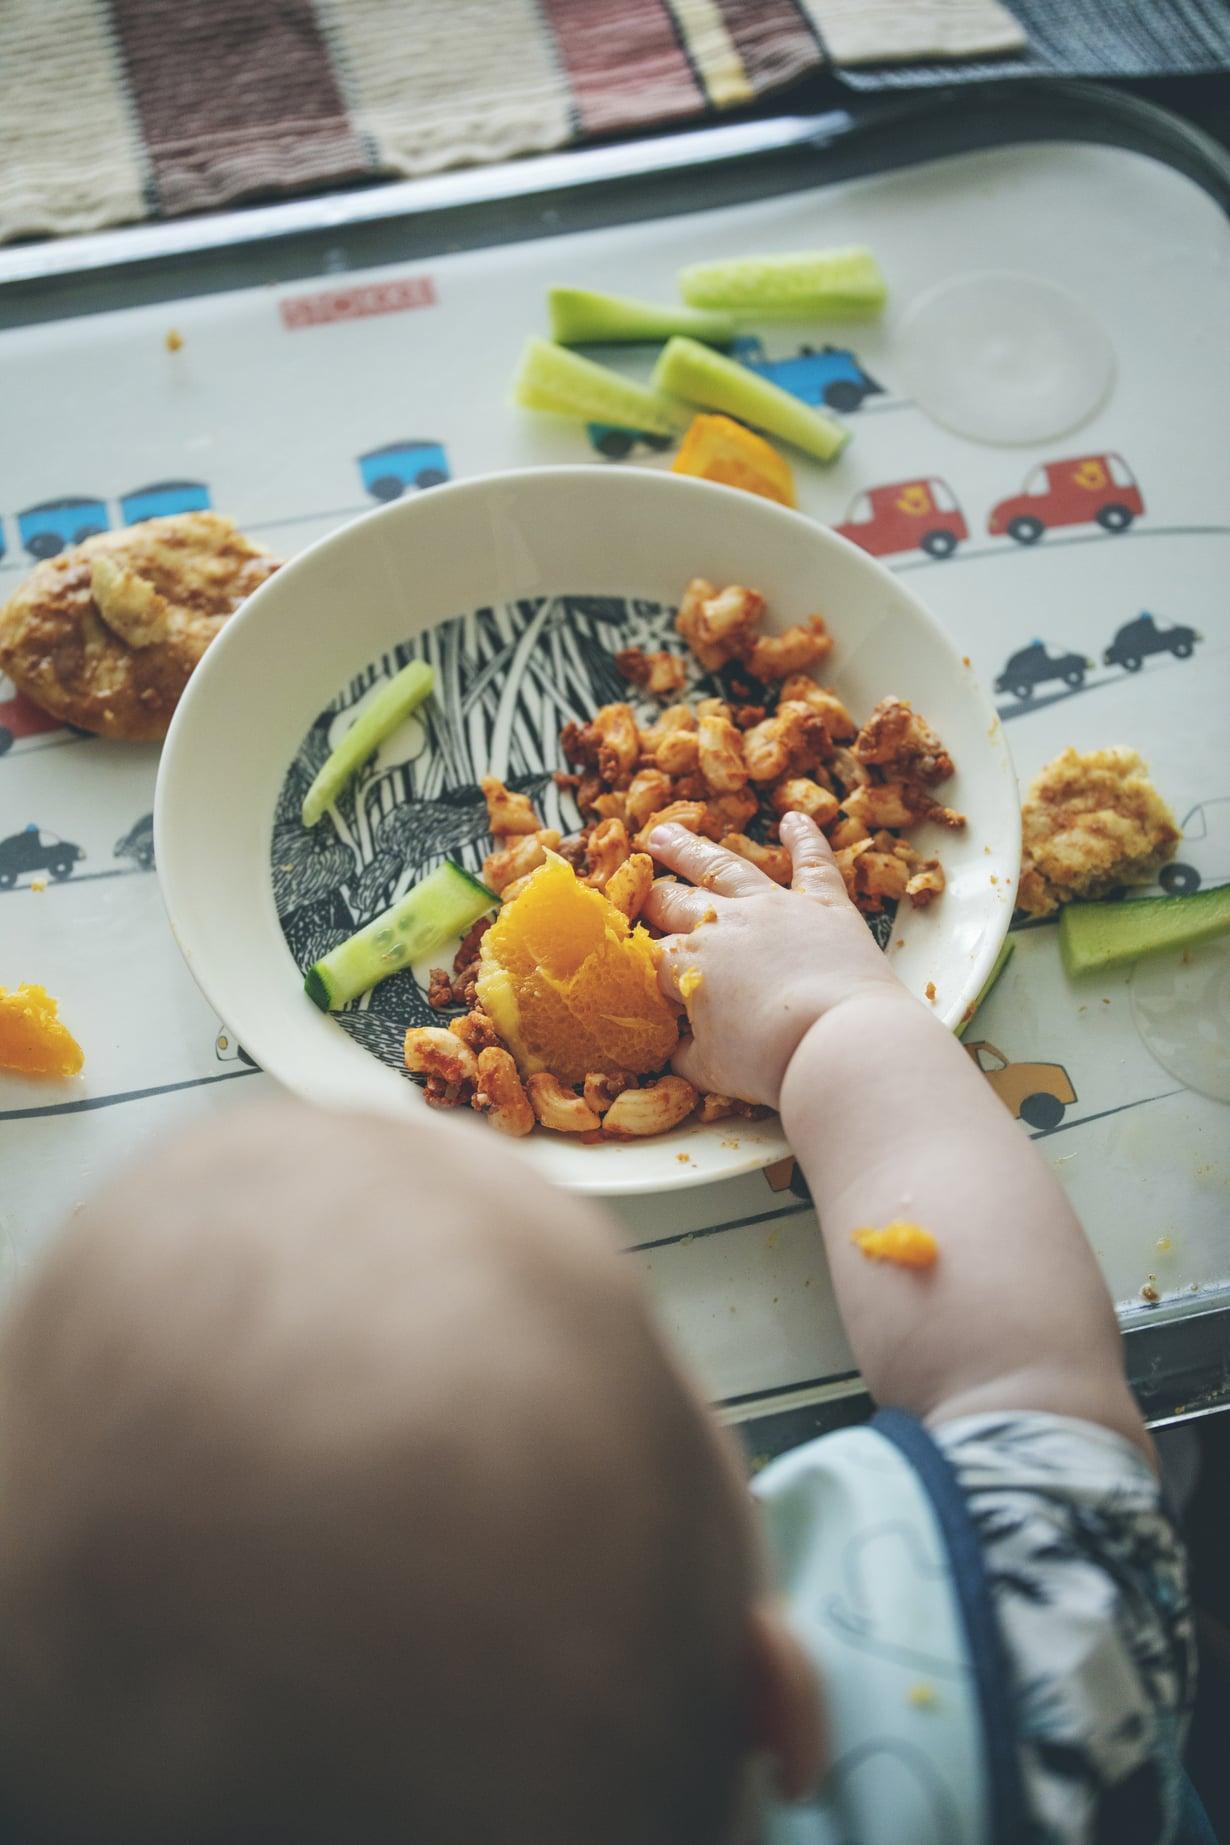 Toisinaan Niko syö puoli tuntia,toisinaan hetken maistelu riittää.  Jääkaapista löytyy ainakurkkua ja kukkakaalia taiparsakaalia vauvalle annettavaksi.